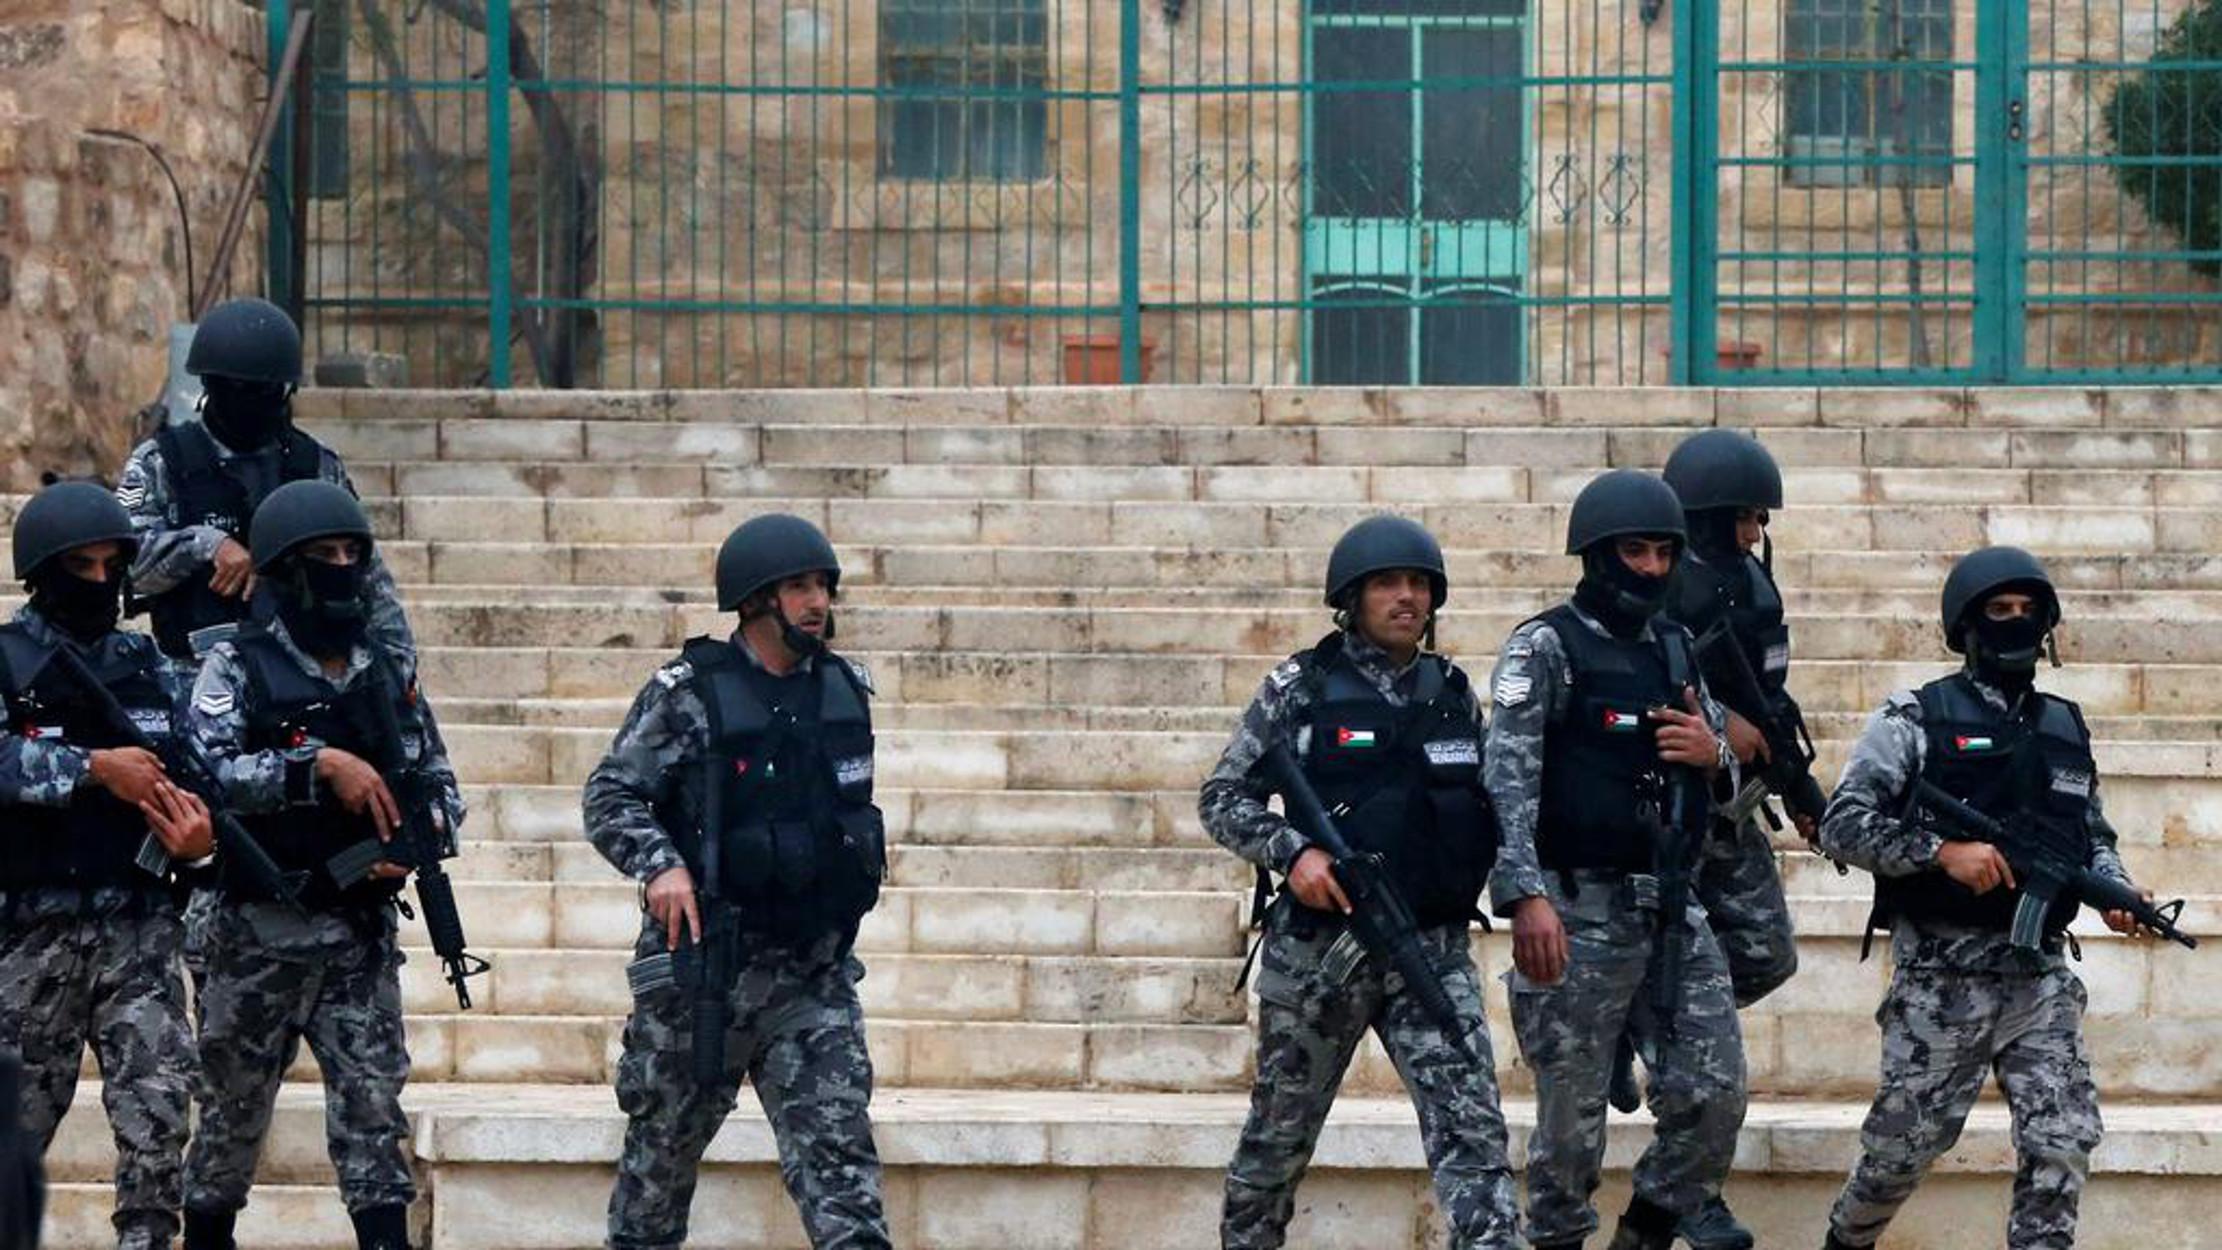 Ιορδανία: Πανικός σε αρχαιολογικό χώρο! Επίθεση με μαχαίρι σε τουρίστες